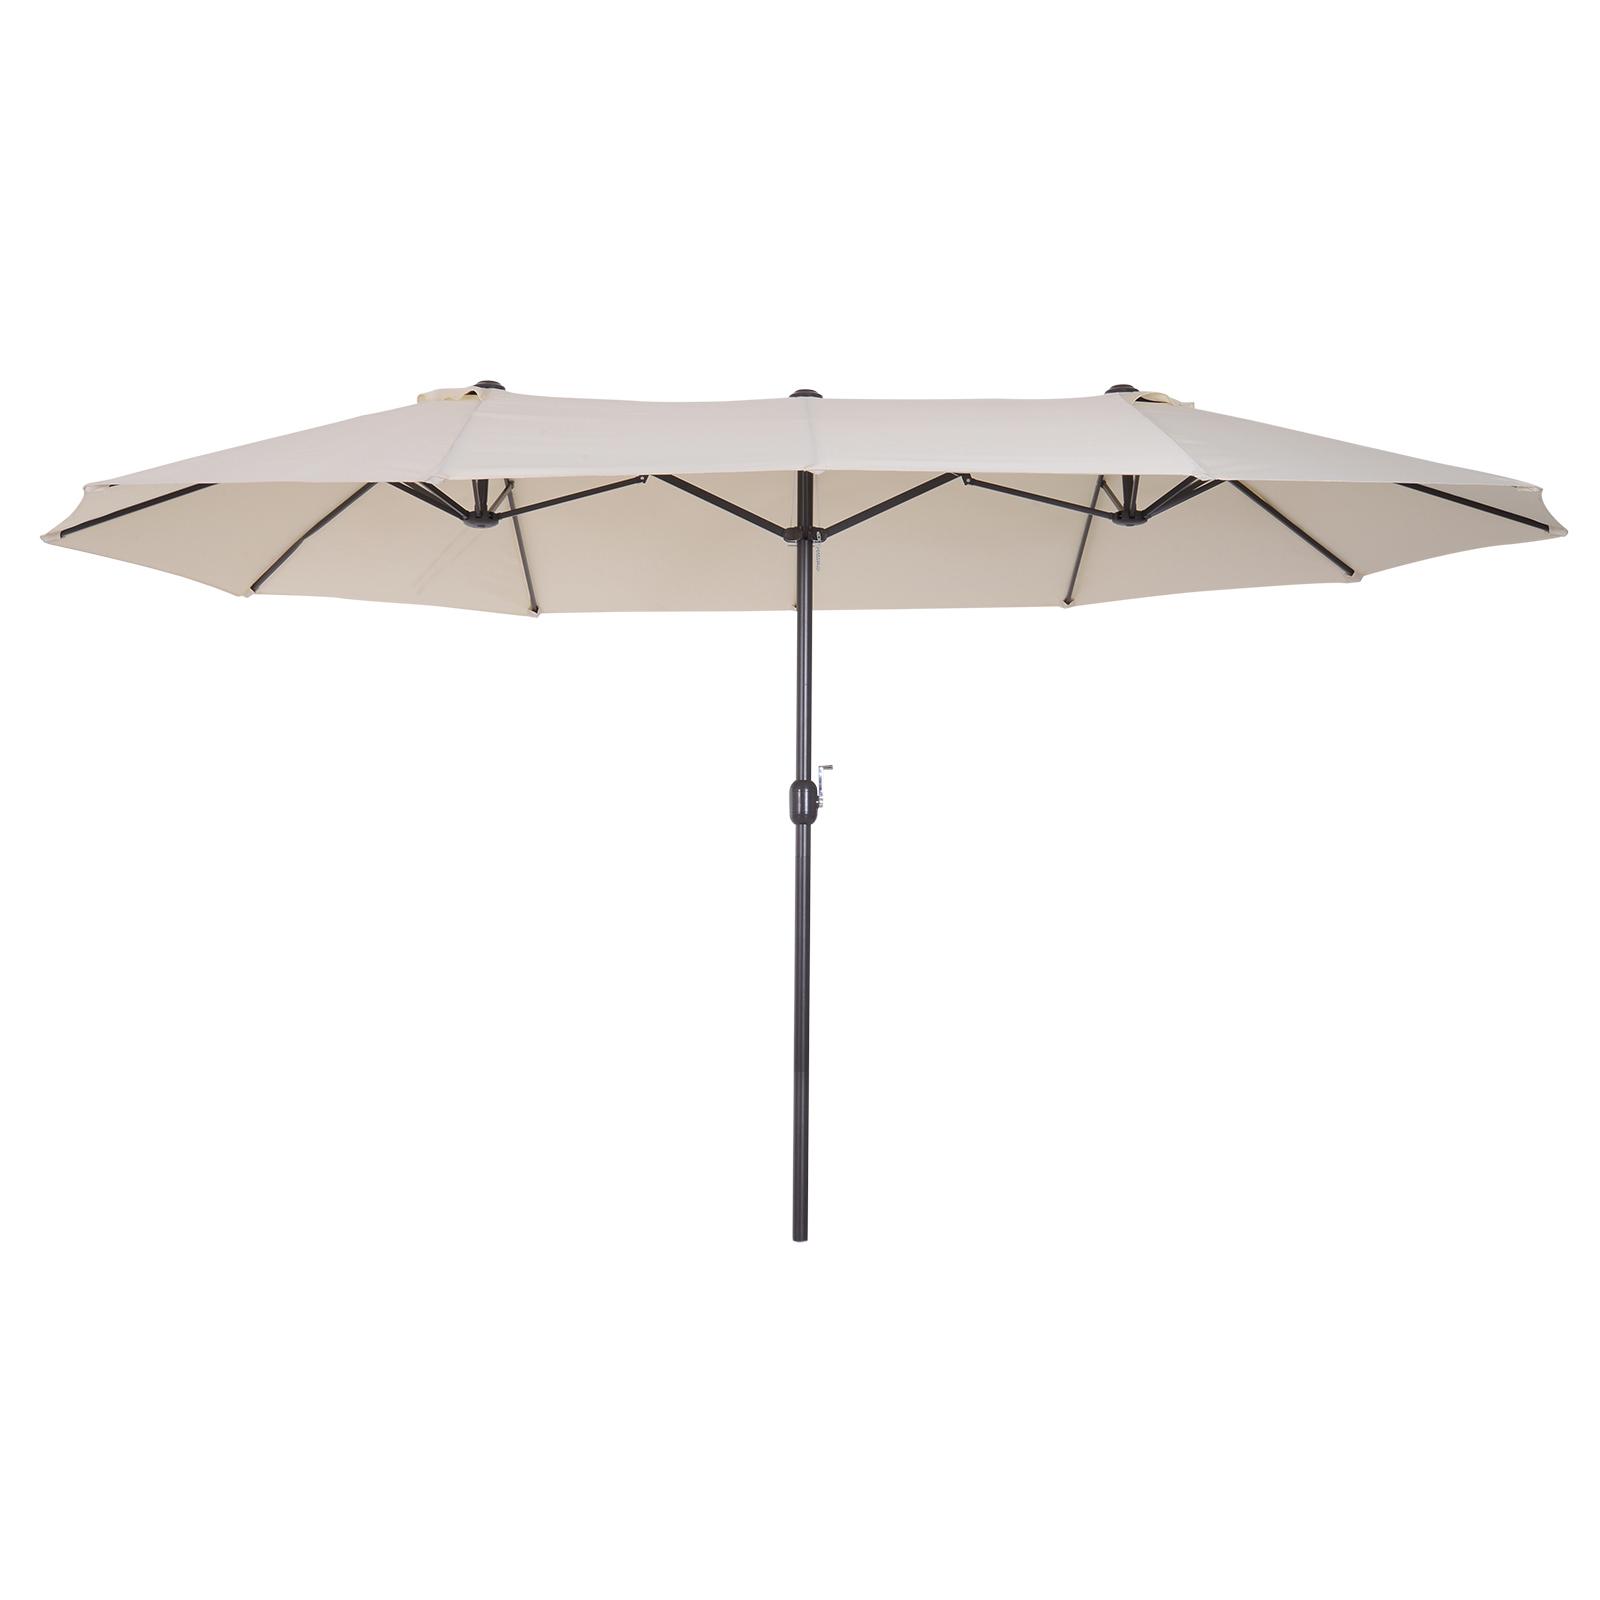 Sombrilla parasol para jard n carpas toldos de terraza 4 - Sombrilla de terraza ...